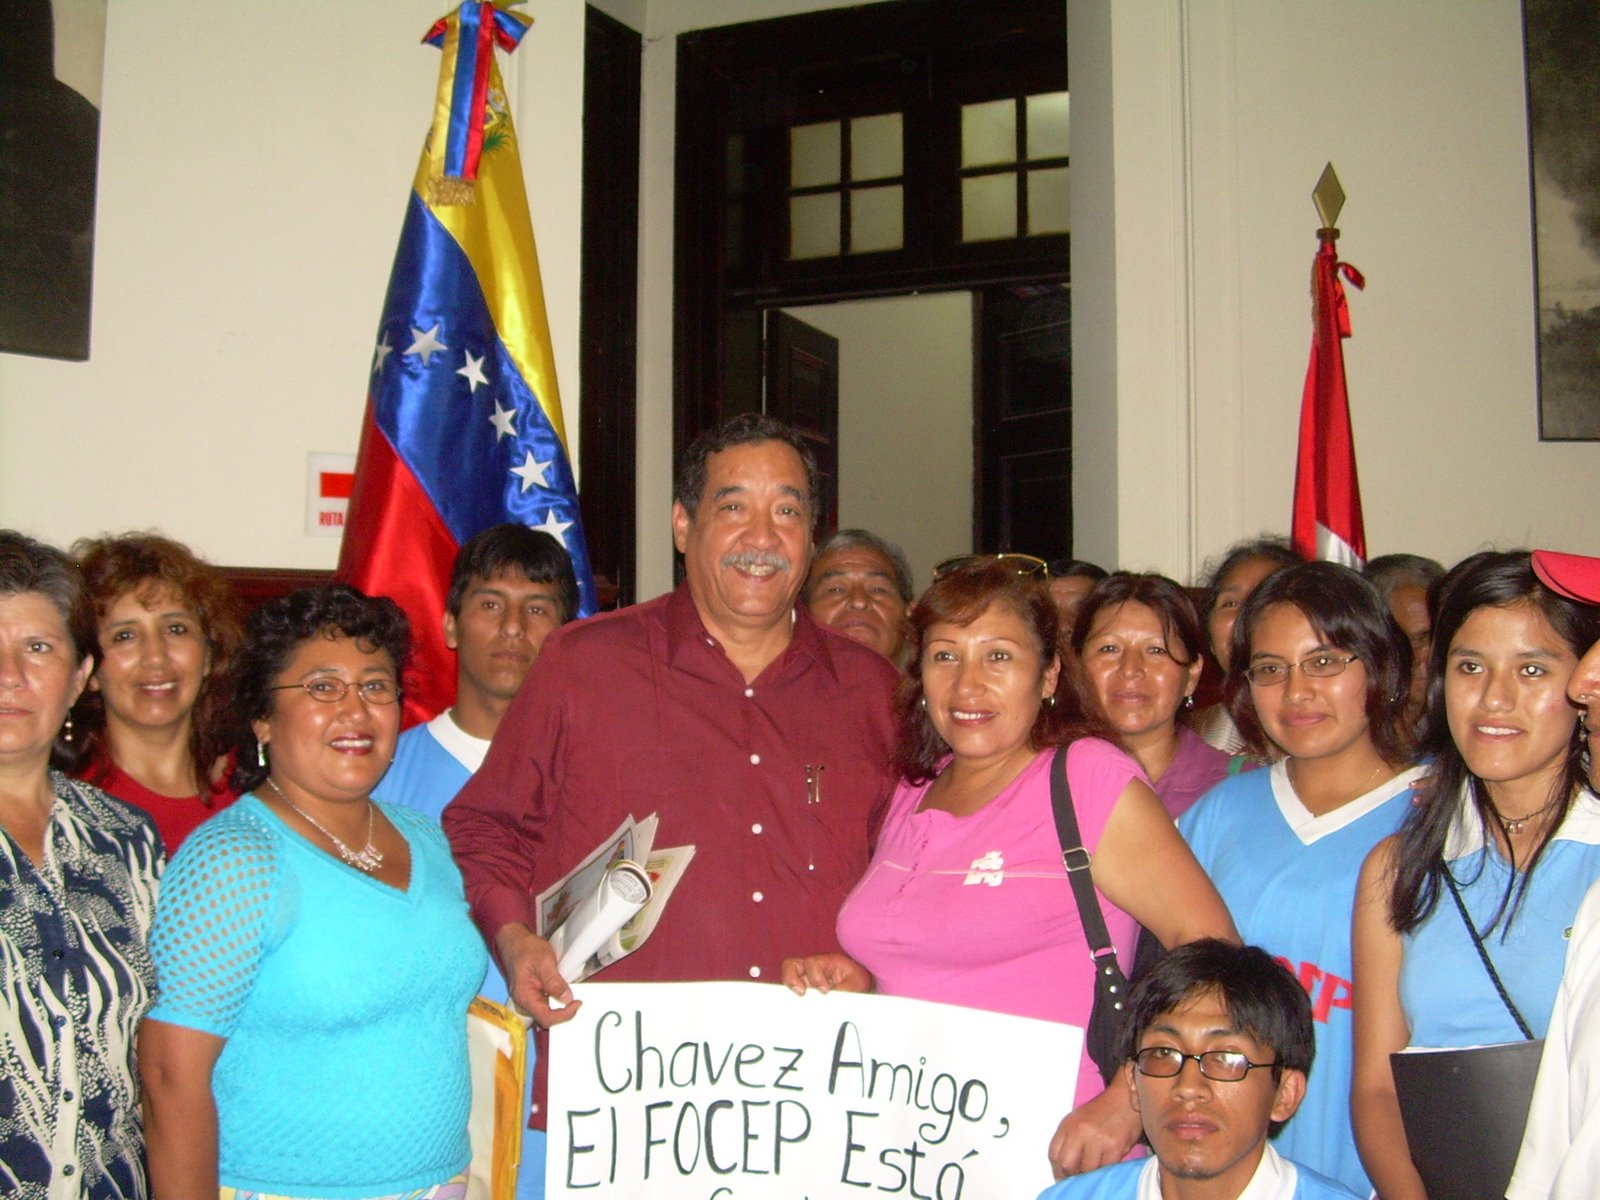 EL EMBAJADOR SR. ARMANDO JOSÈ LAGUNA LAGUNA RECIBIENDO LA SOLIDARIDAD DEL PUEBLO PERUANO